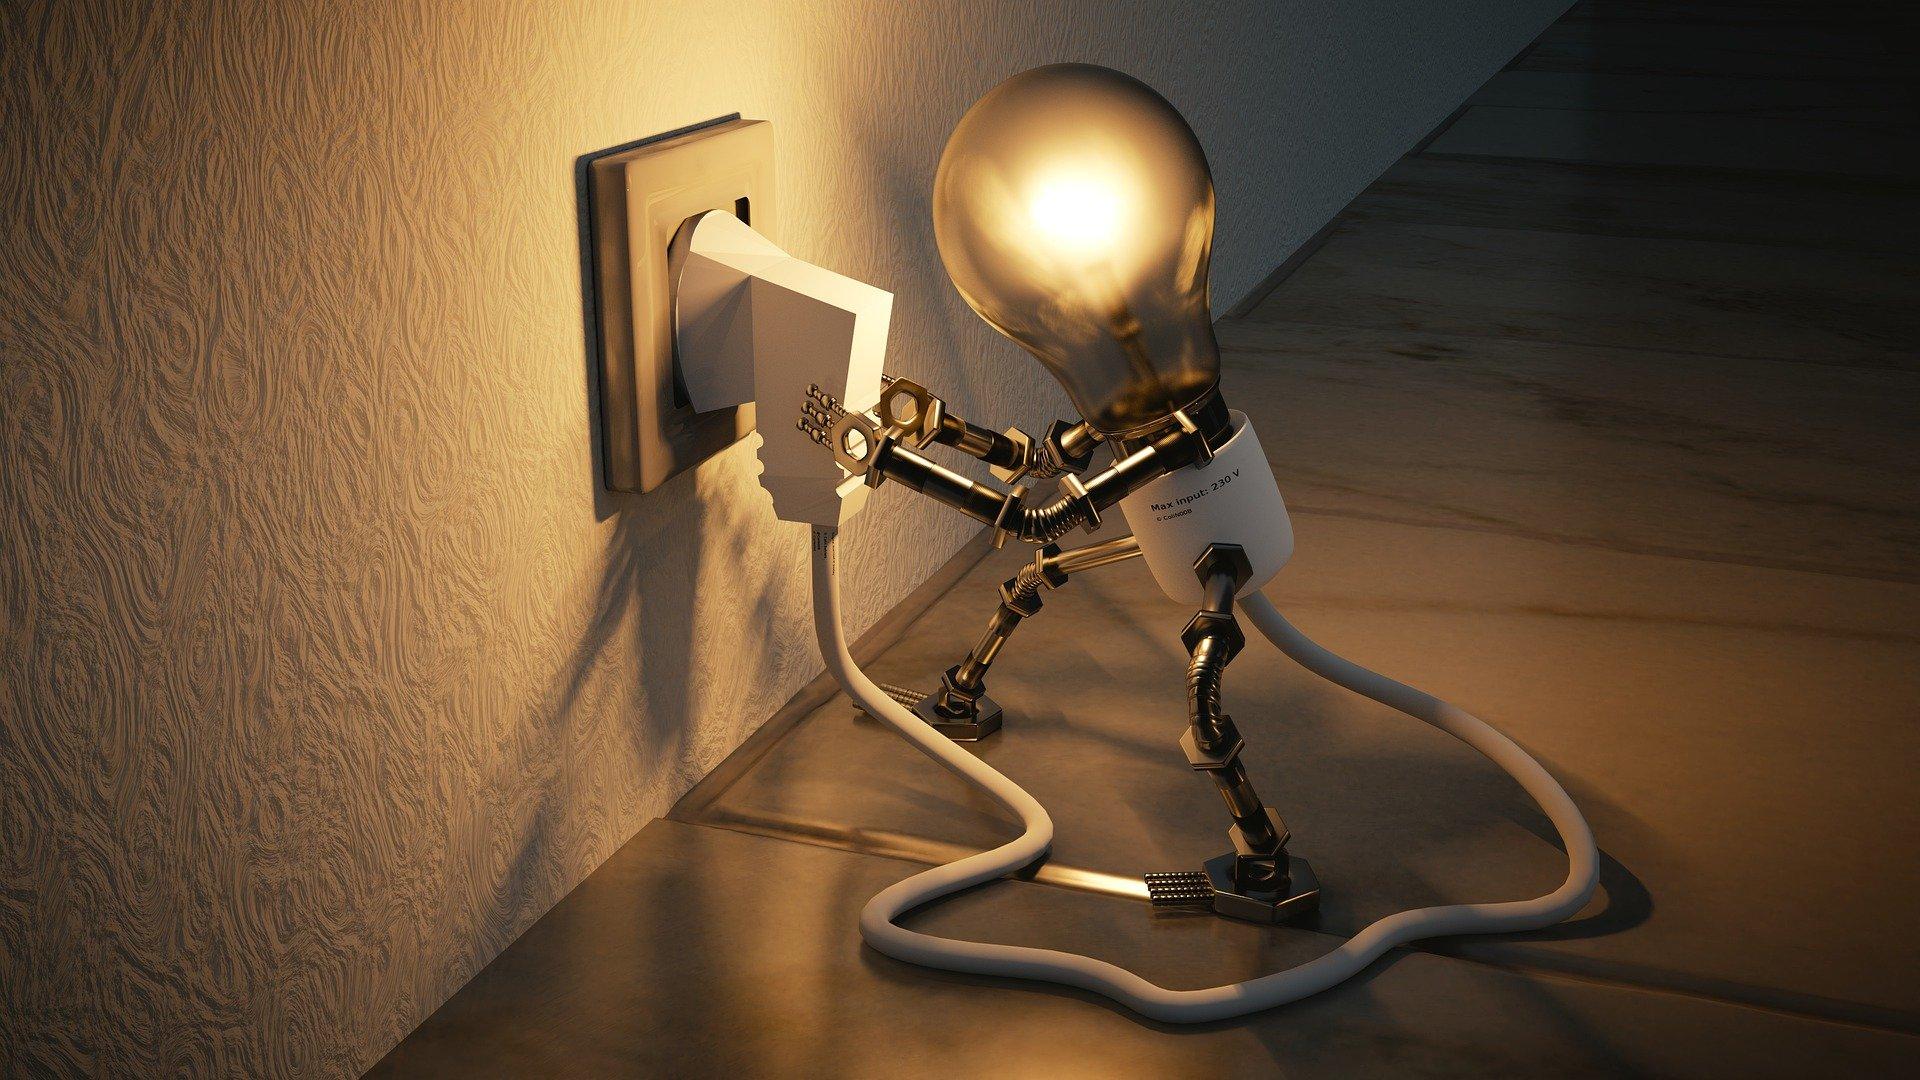 imagen de bombilla conectado un enchufe electrico en pared